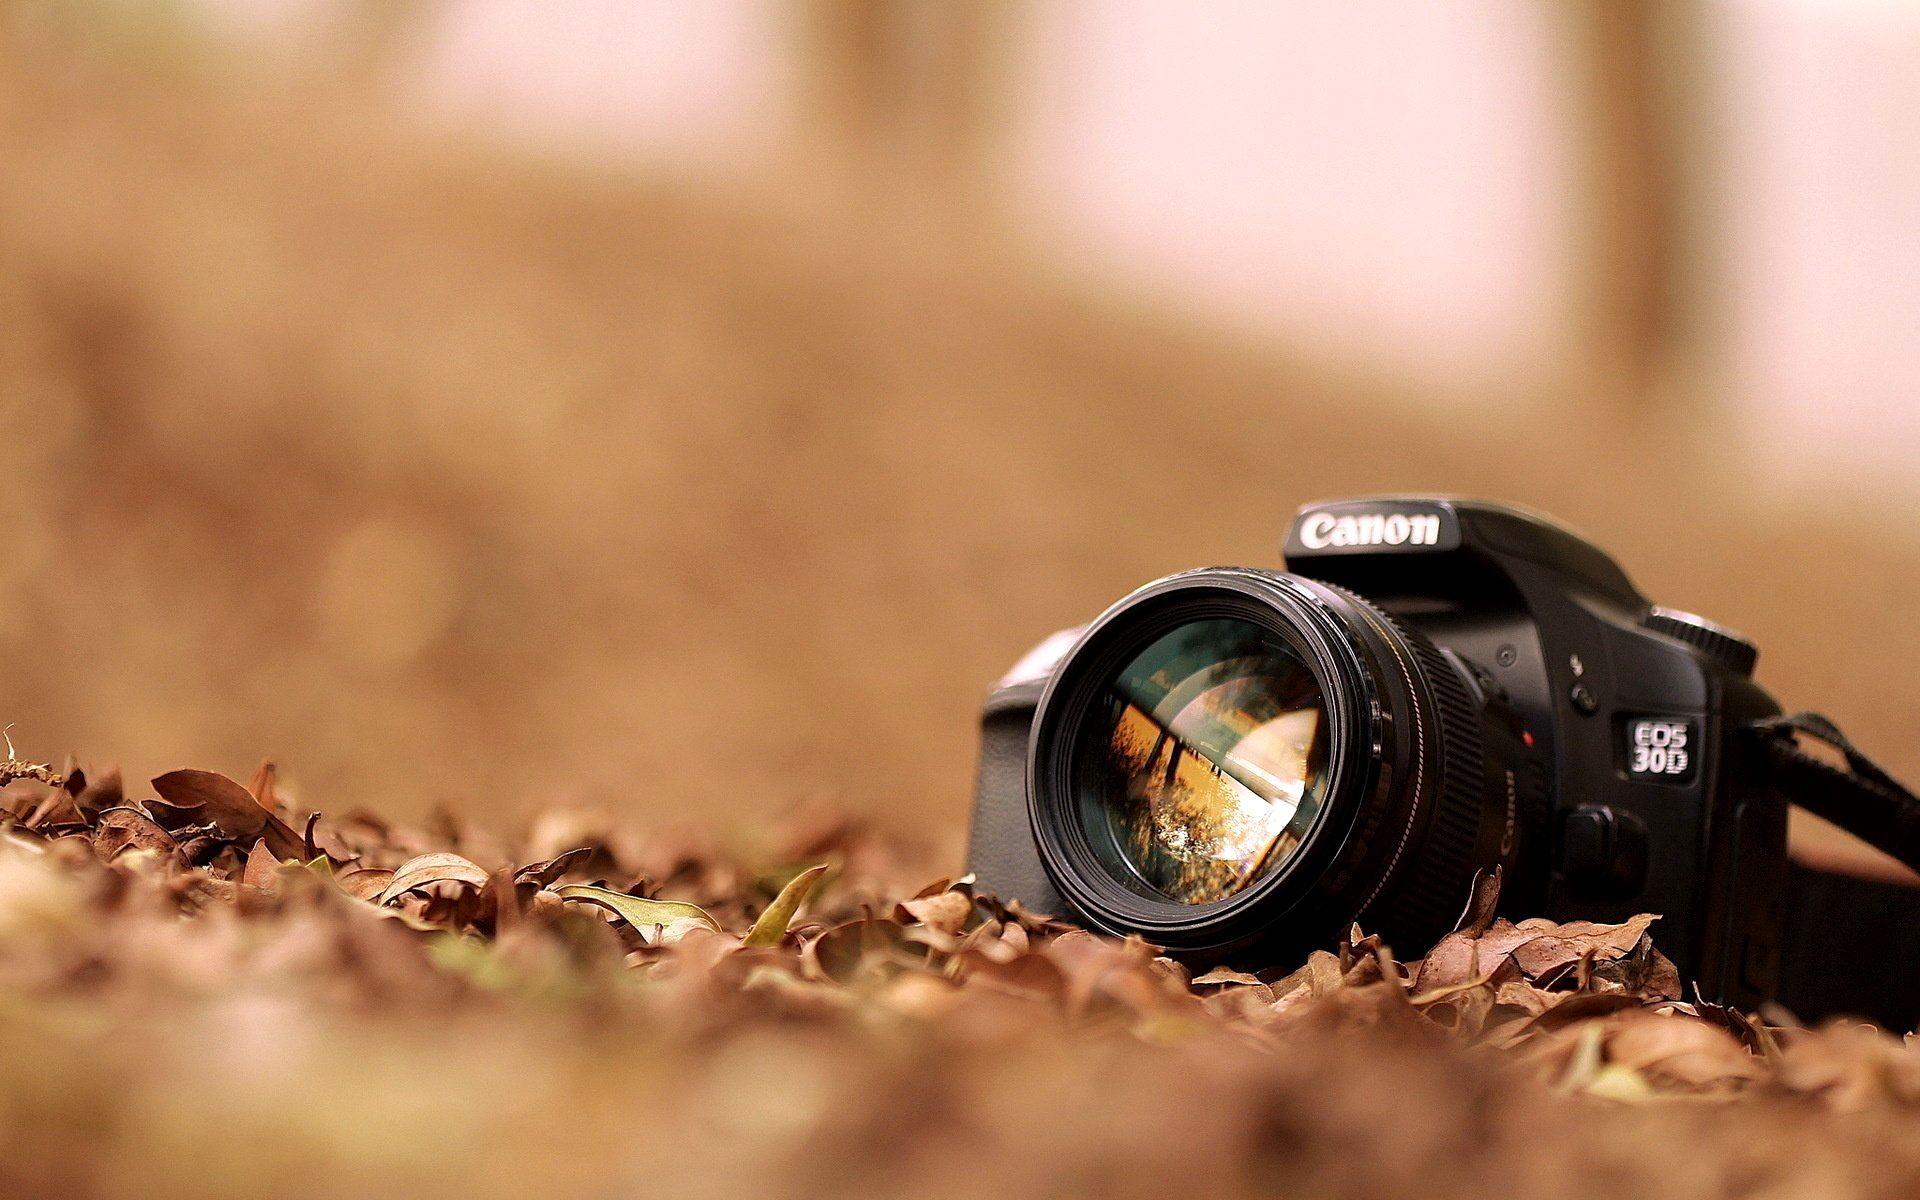 Camera Wallpaper 4k For Pc Ideas 4k Camera Wallpaper Photography Wallpaper Photography Camera